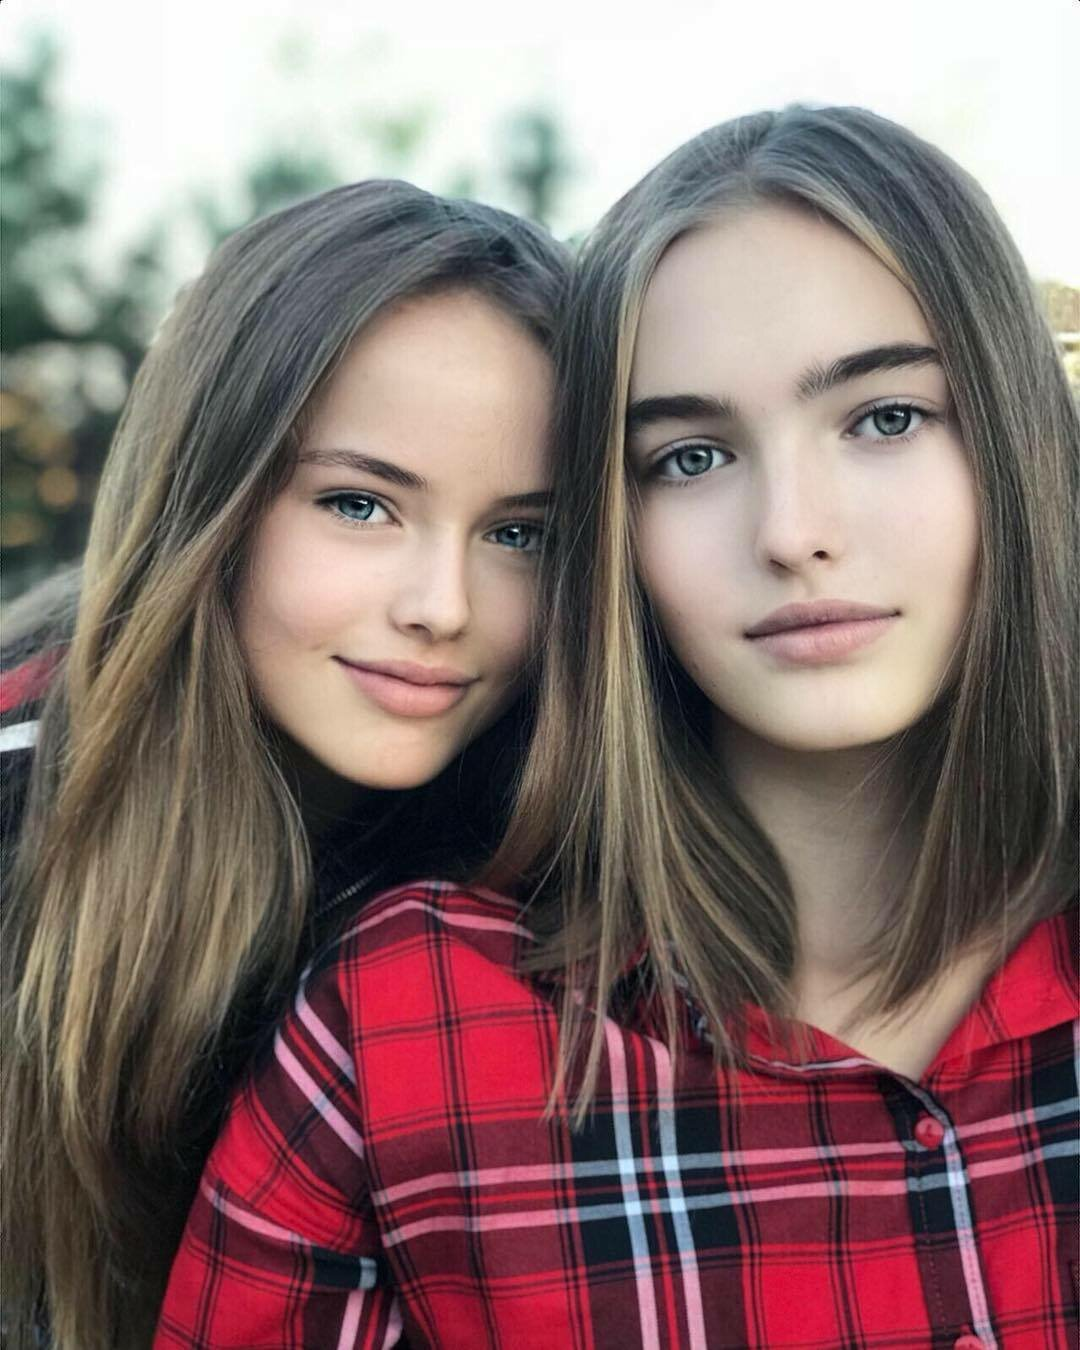 Картинки форум для девочек